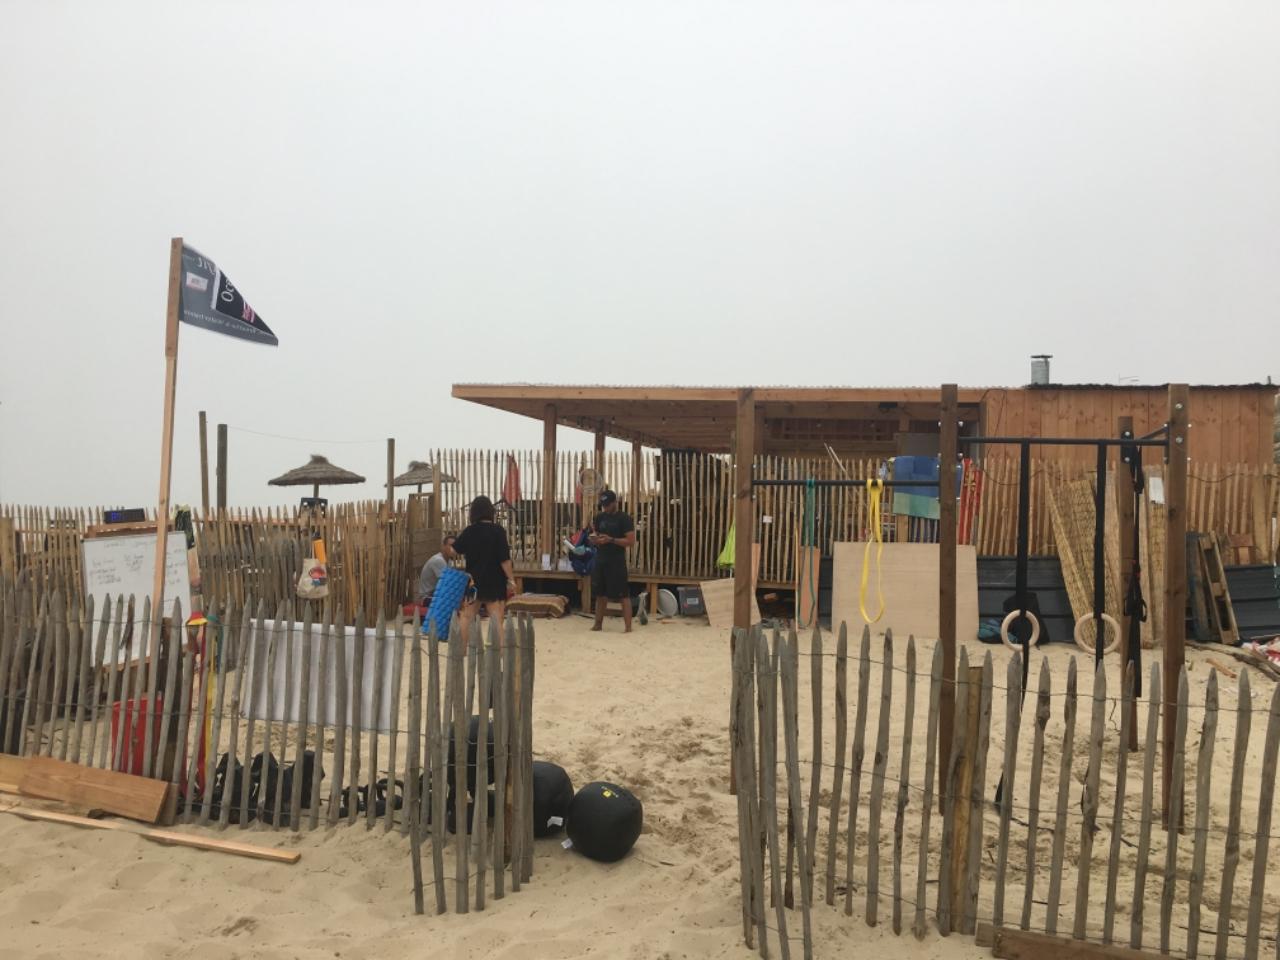 Photo 1: Ocean xfit, du sport sur la plage à Lacanau